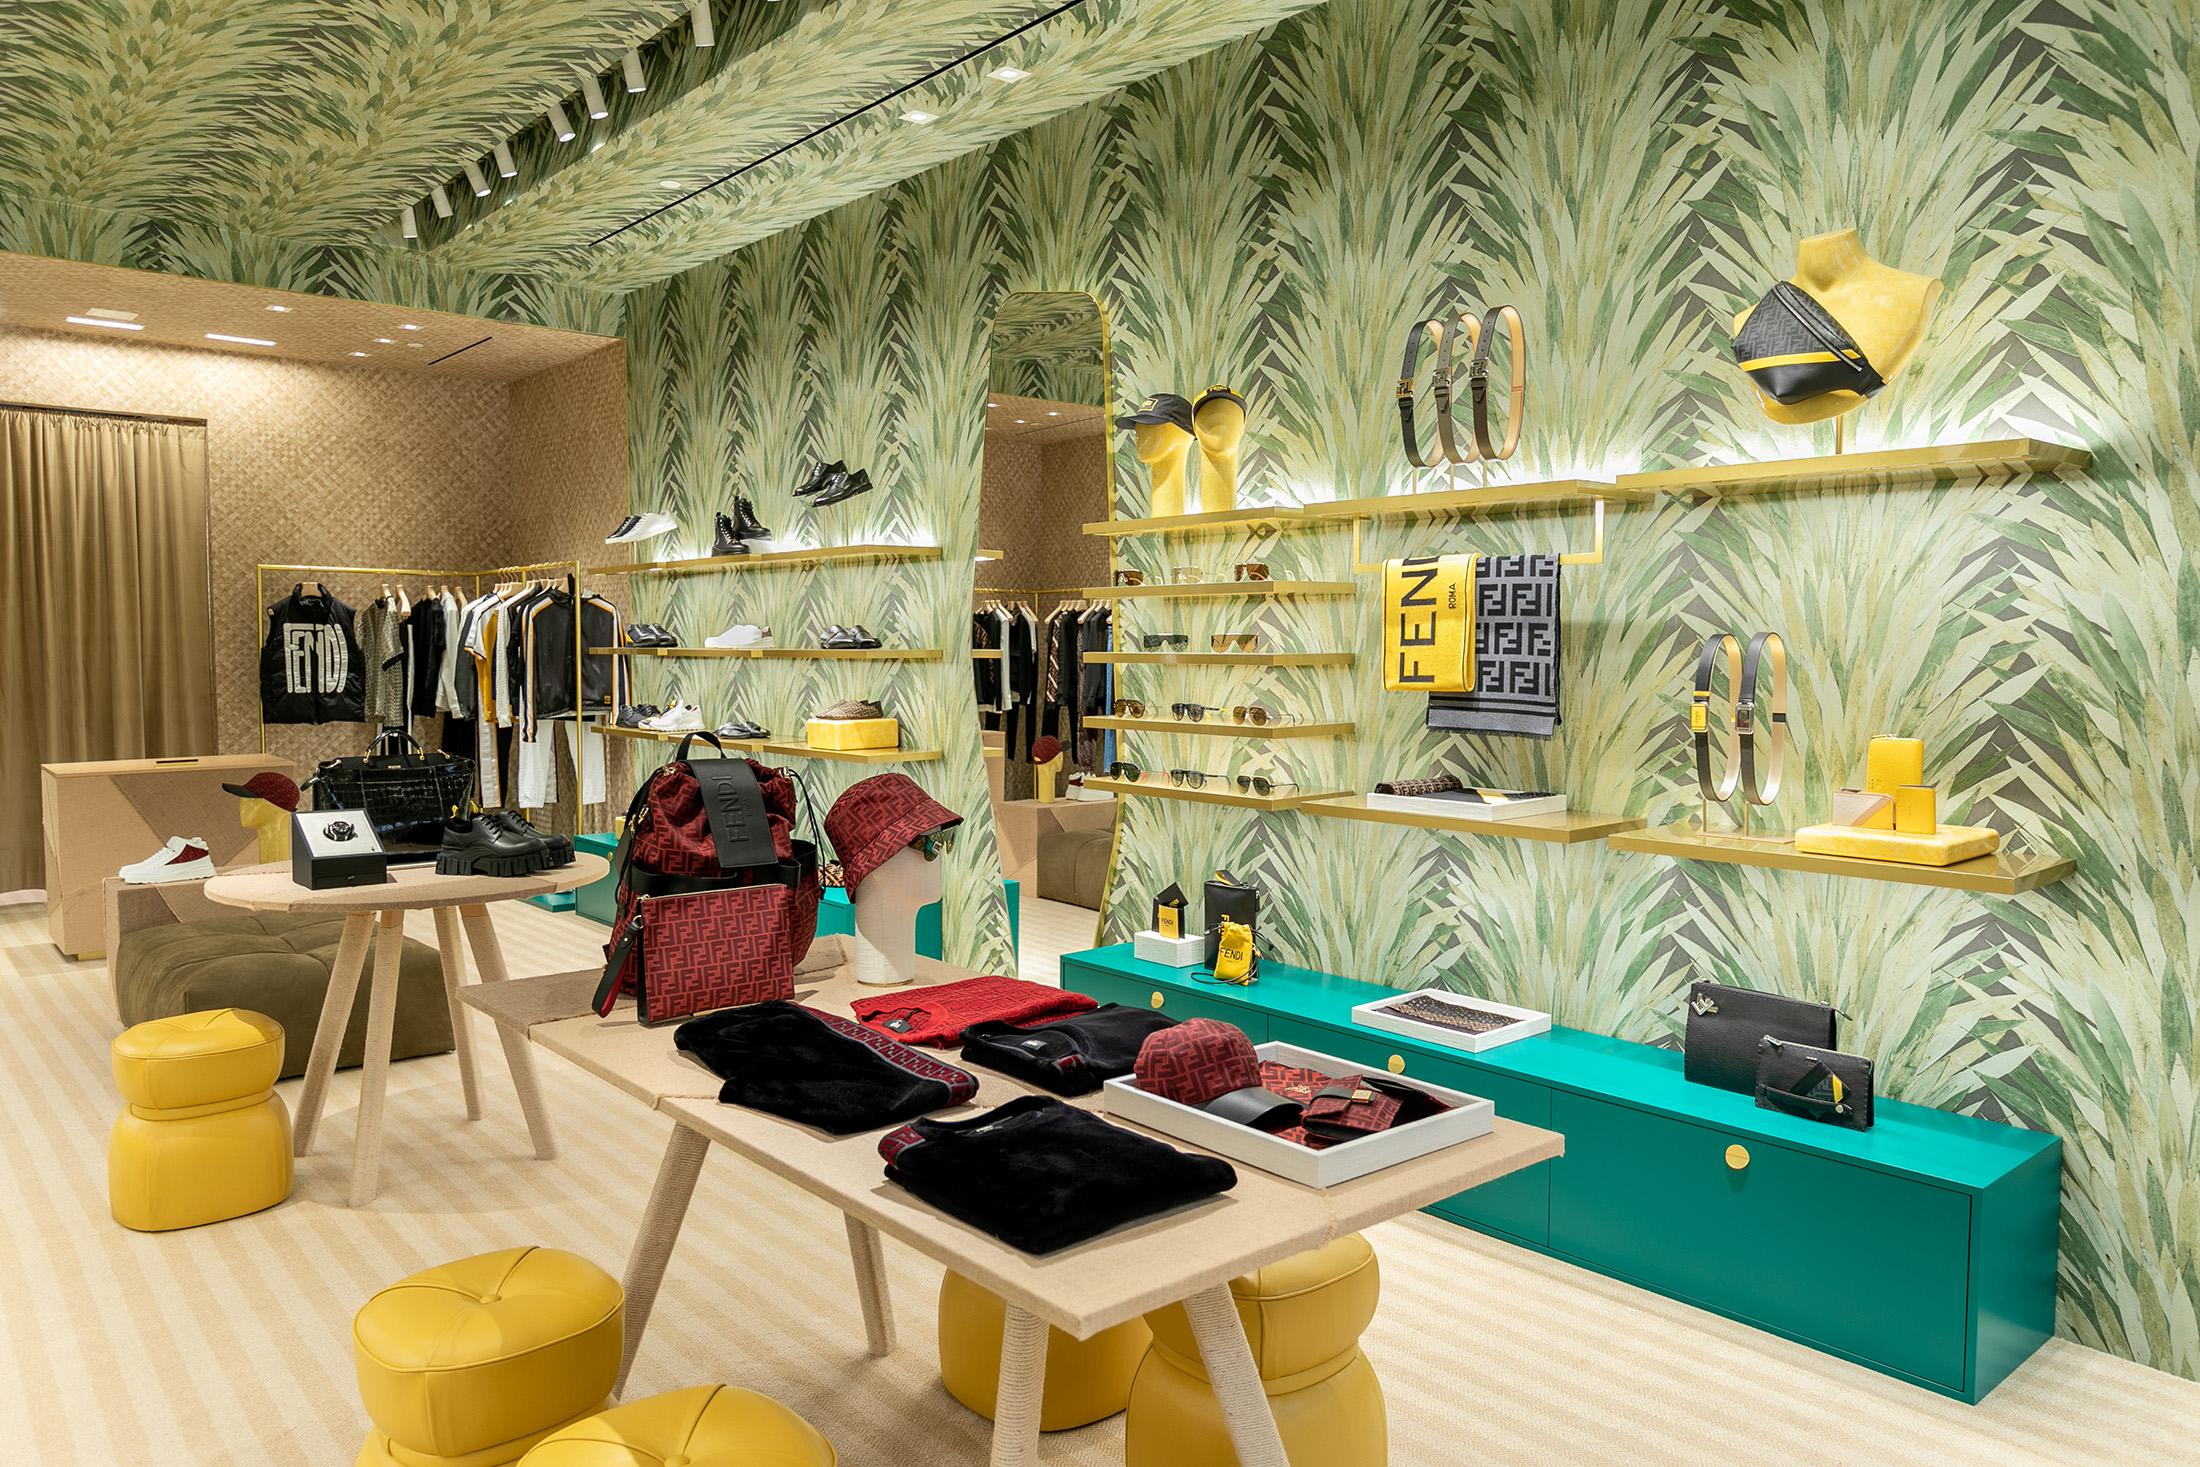 Fendi Opens Menswear Boutique in South Coast Plaza